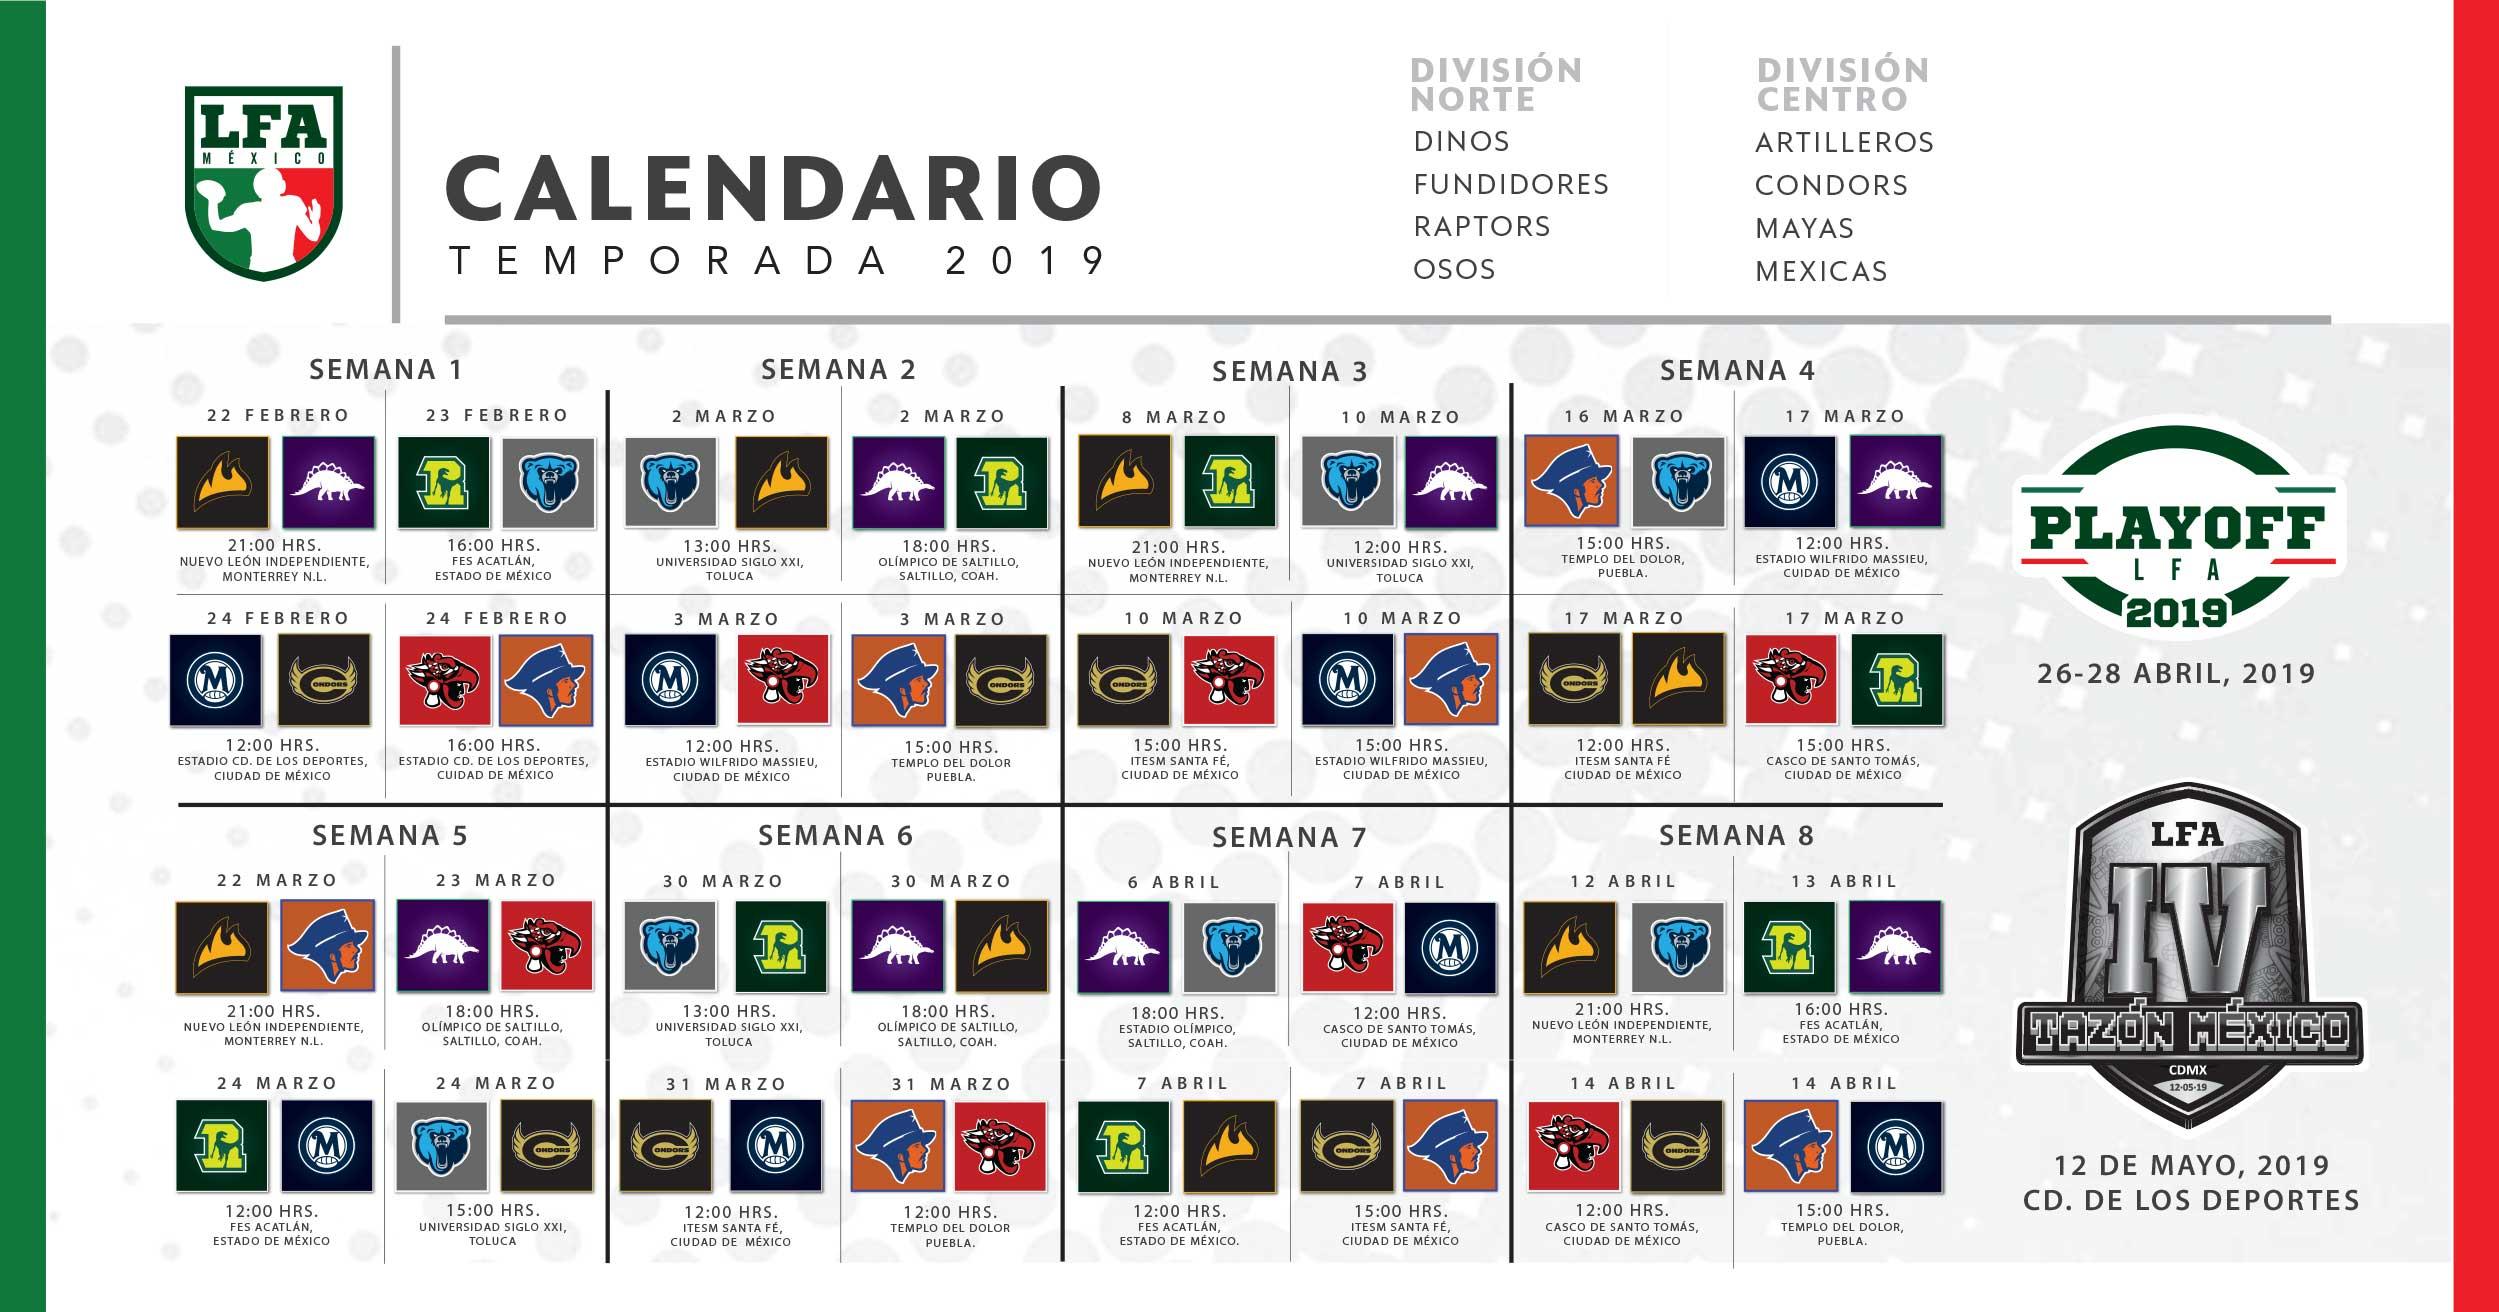 Calendario Futbol 2019.Calendario Lfa